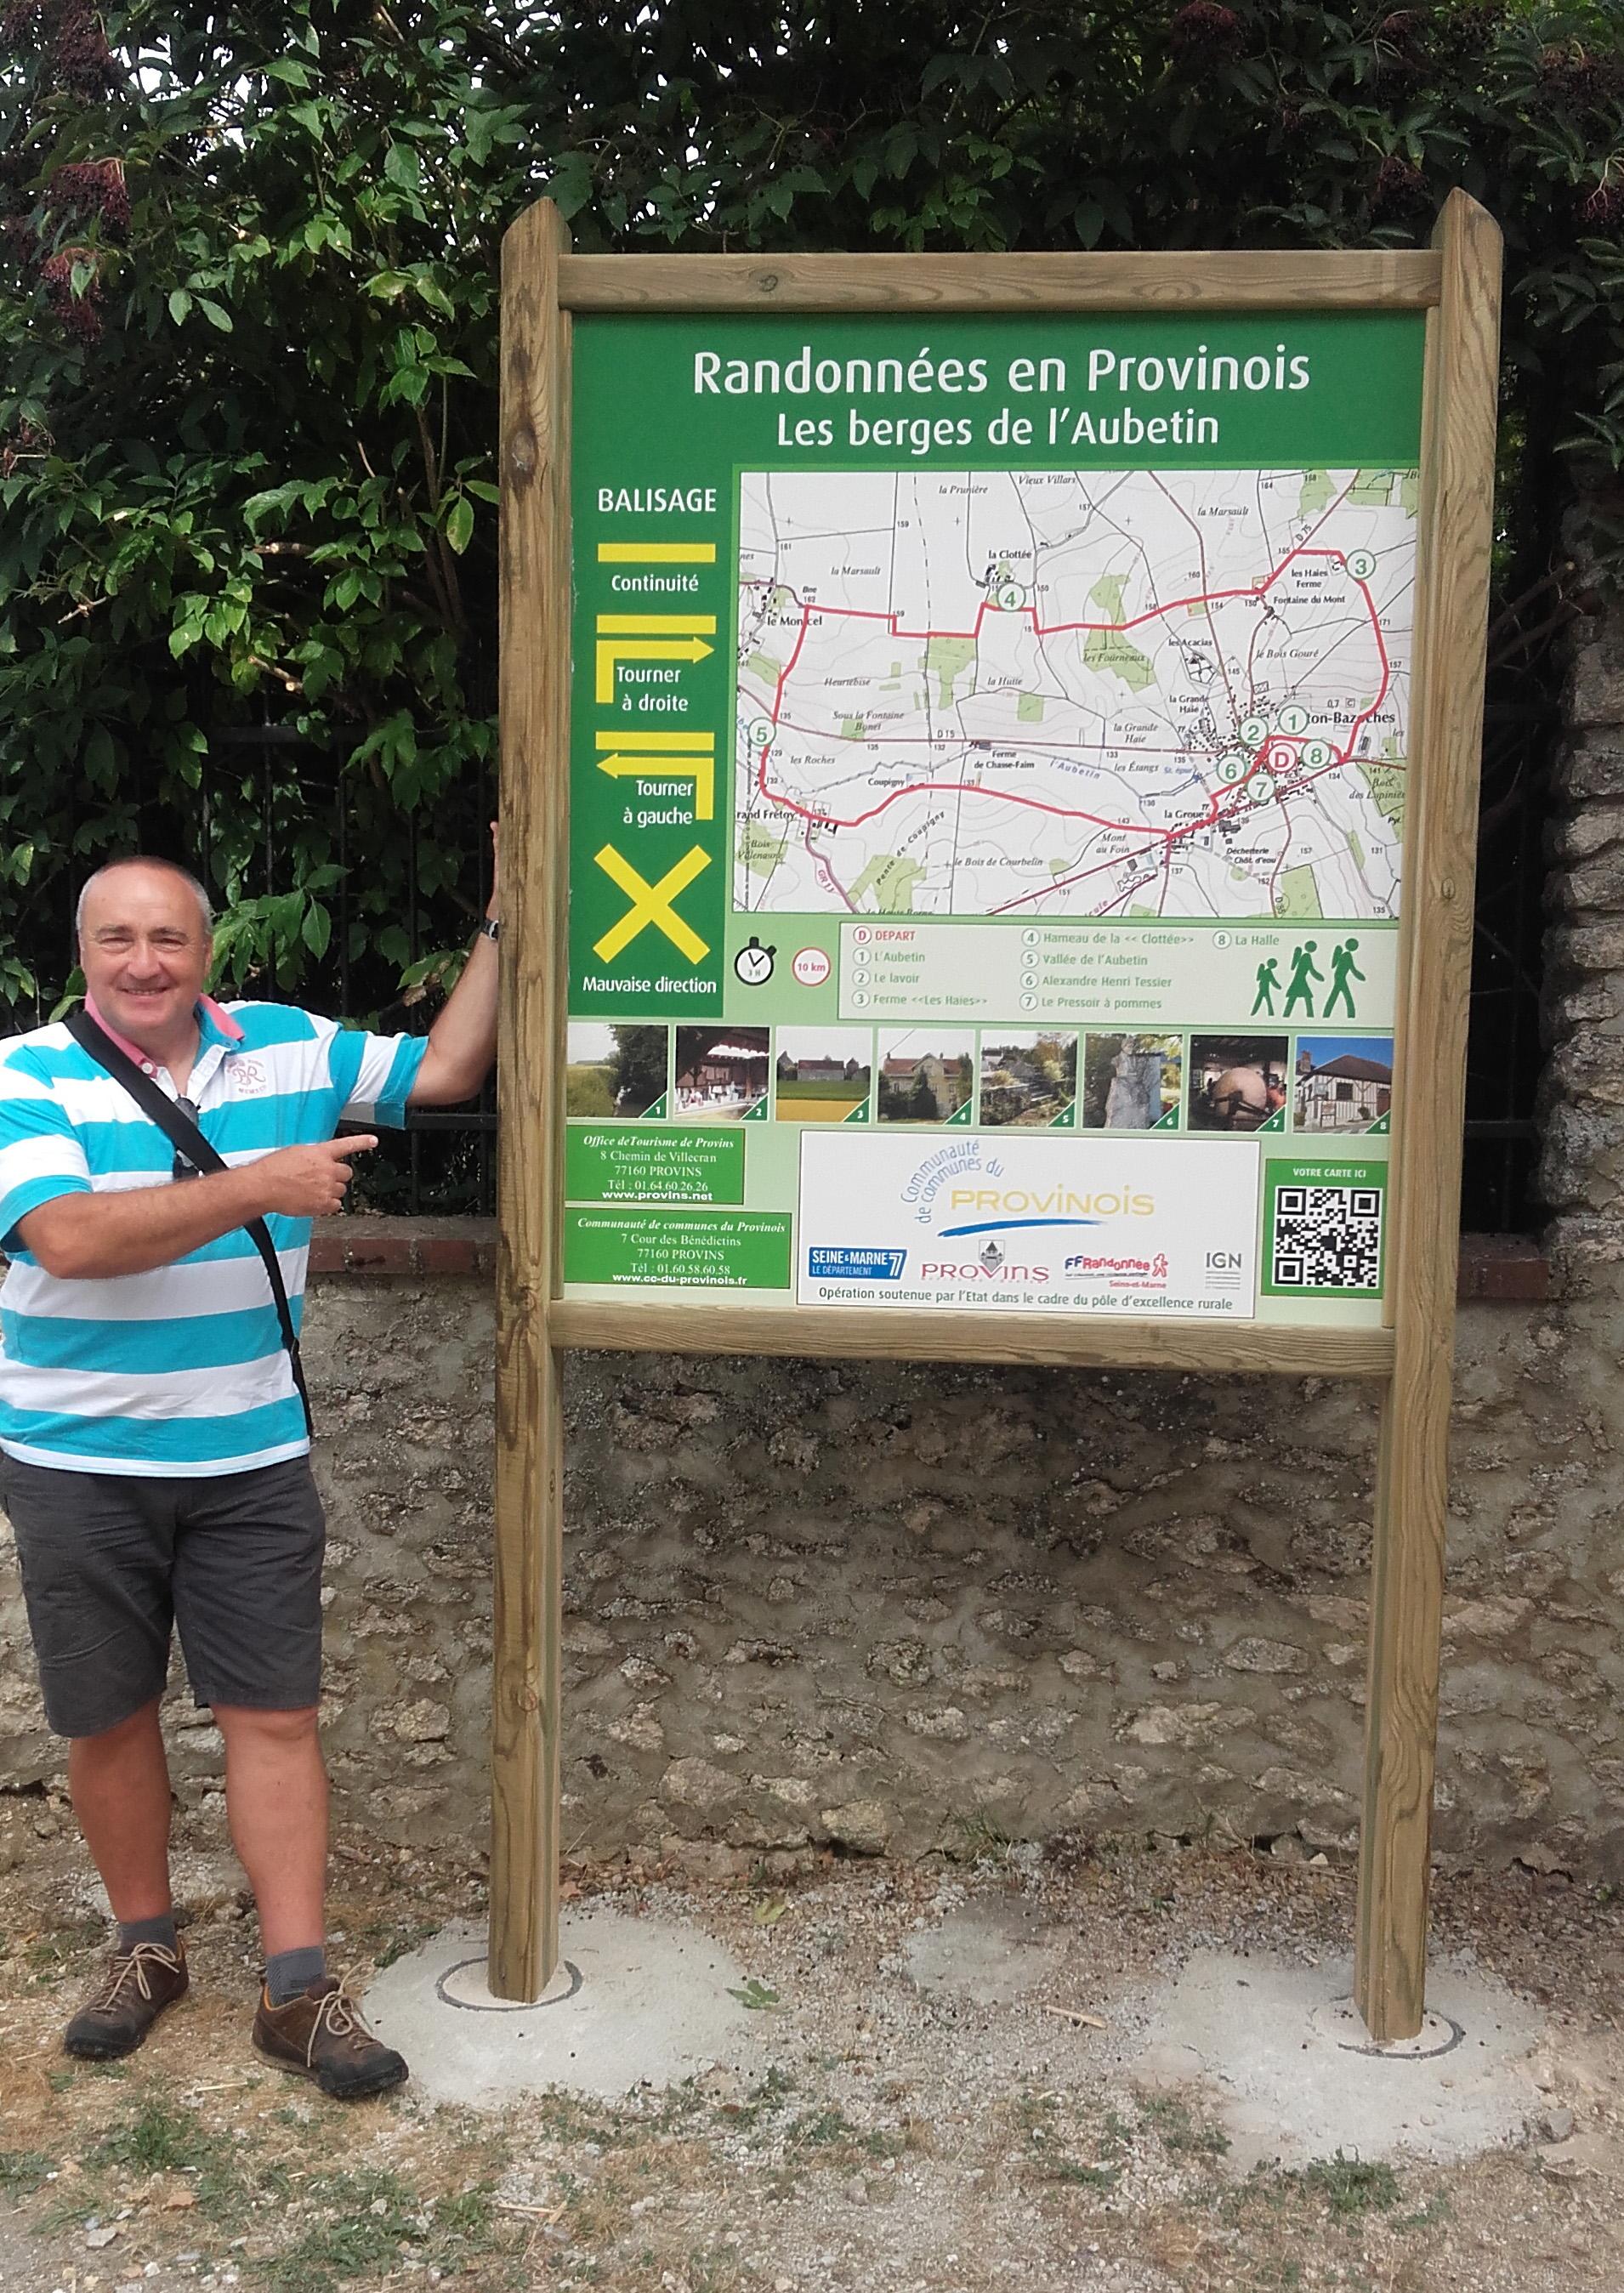 Premier panneau de signalétique sur le Provinois La randonnée en Seine et Marne # Panneau Signalisation Bois